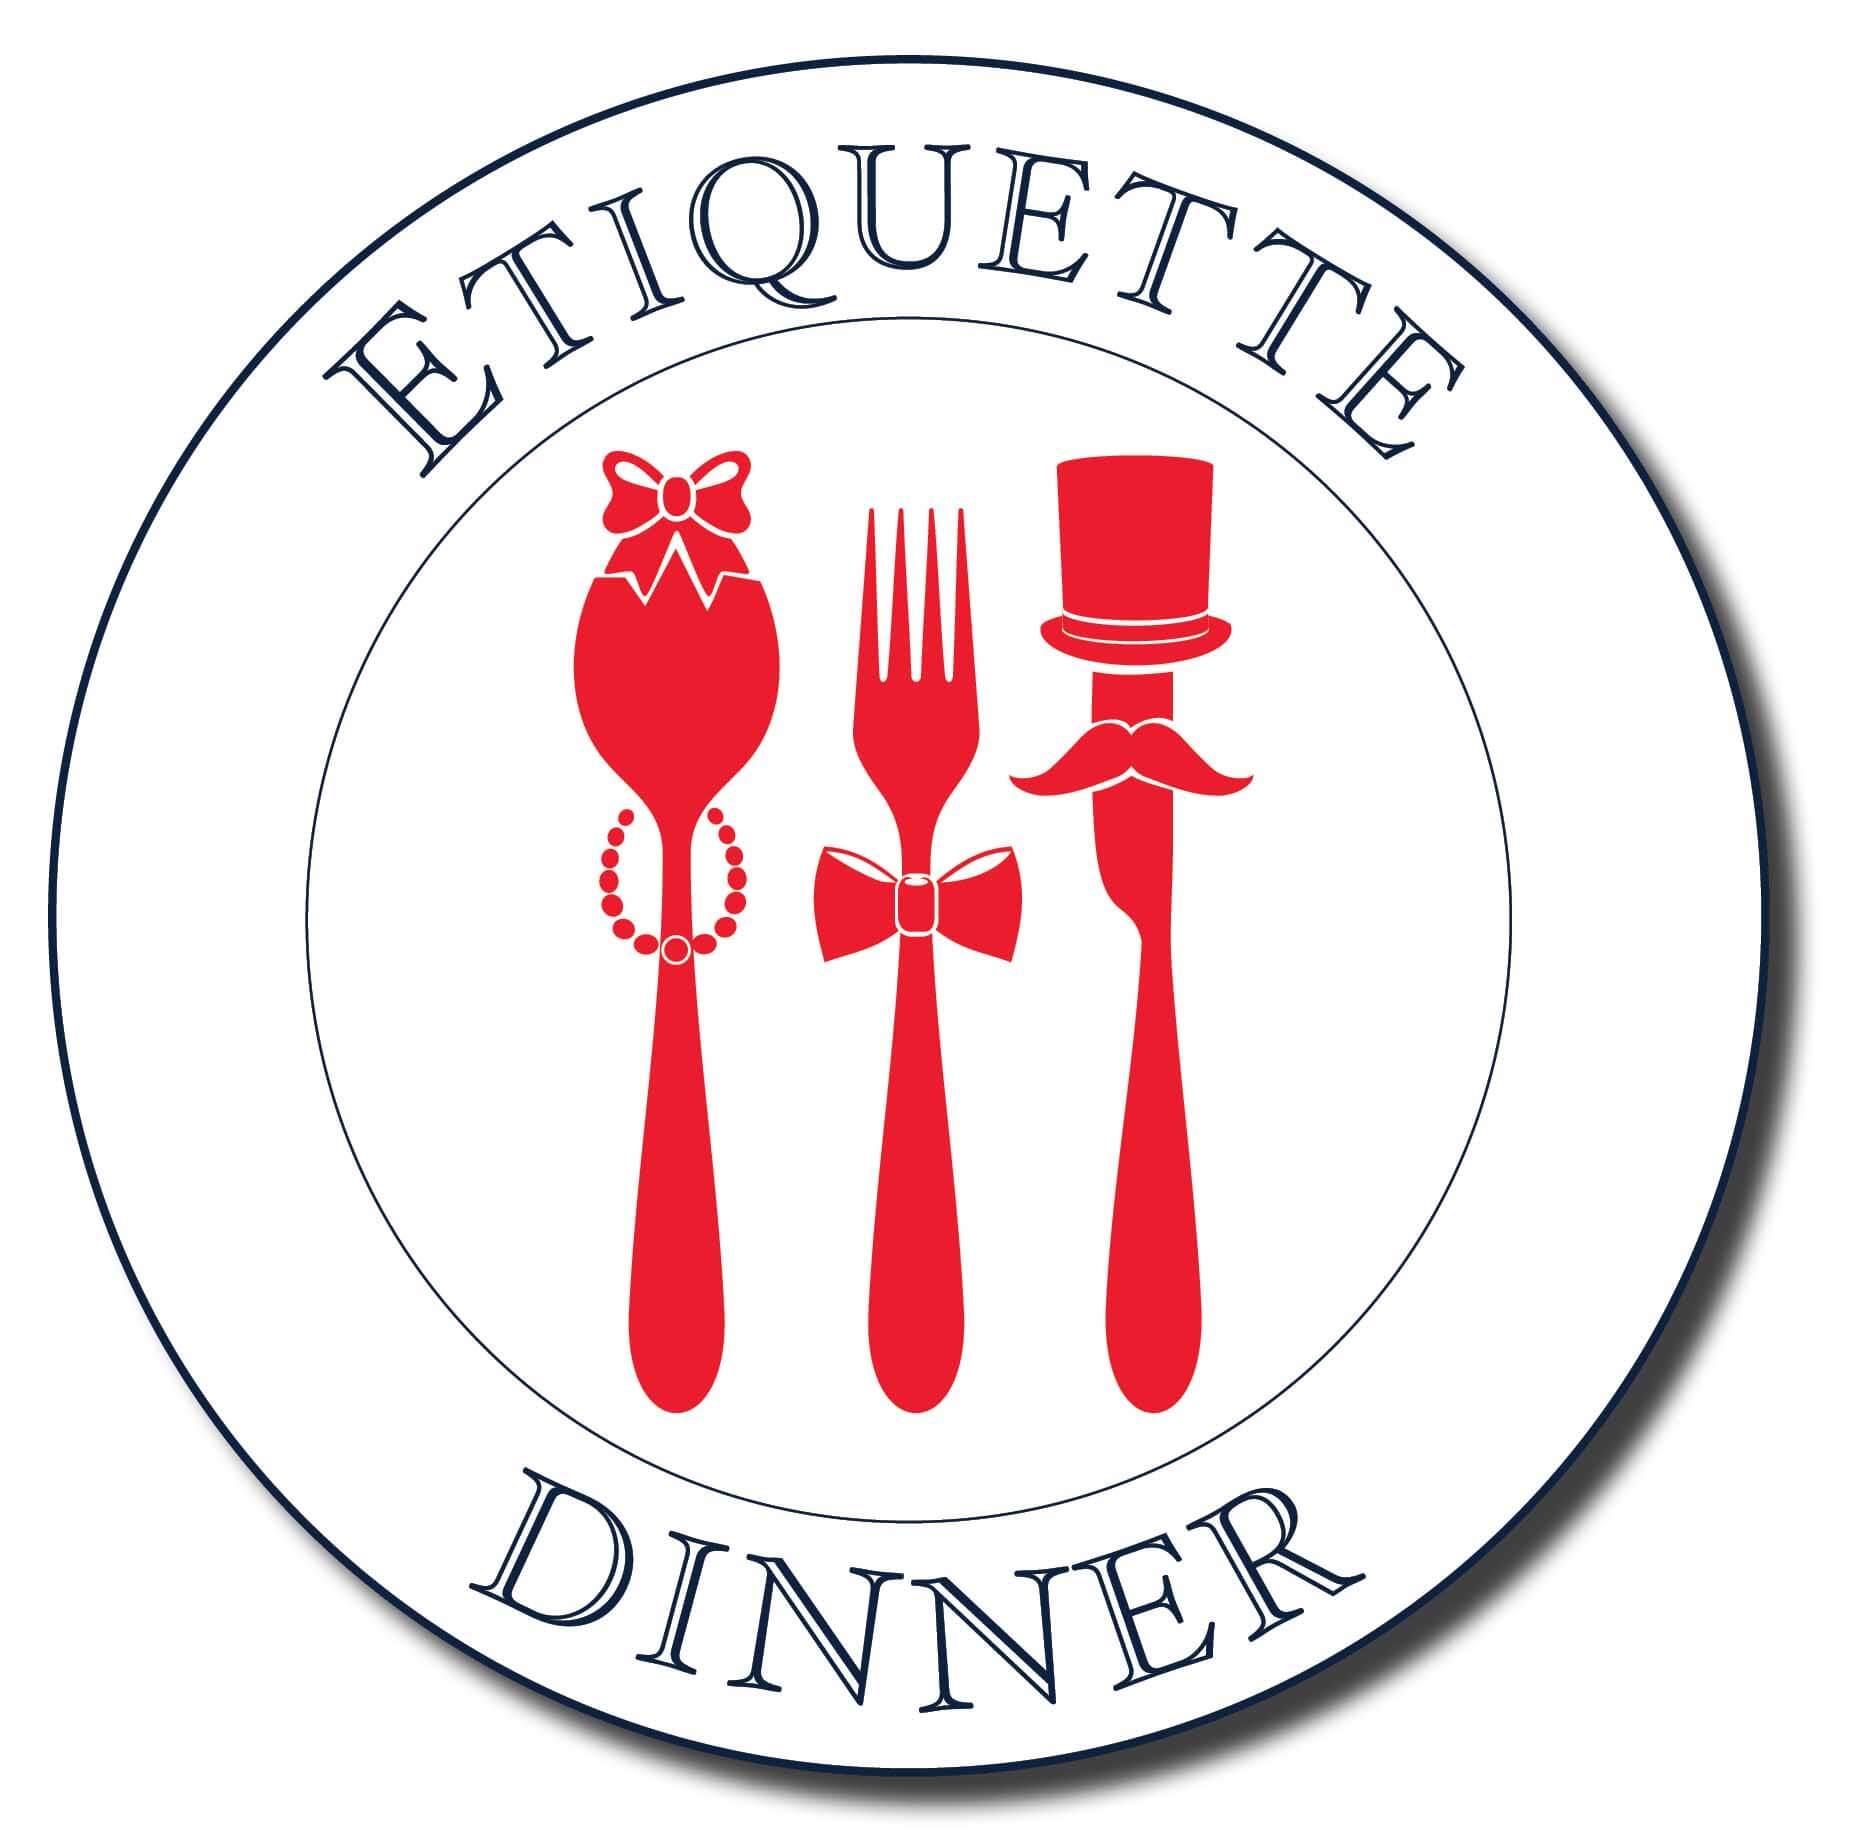 покана за вечеря, изискано поведение, културни навици, хранителни навици, вечеря в ресторант, хранителни обноски, готвар